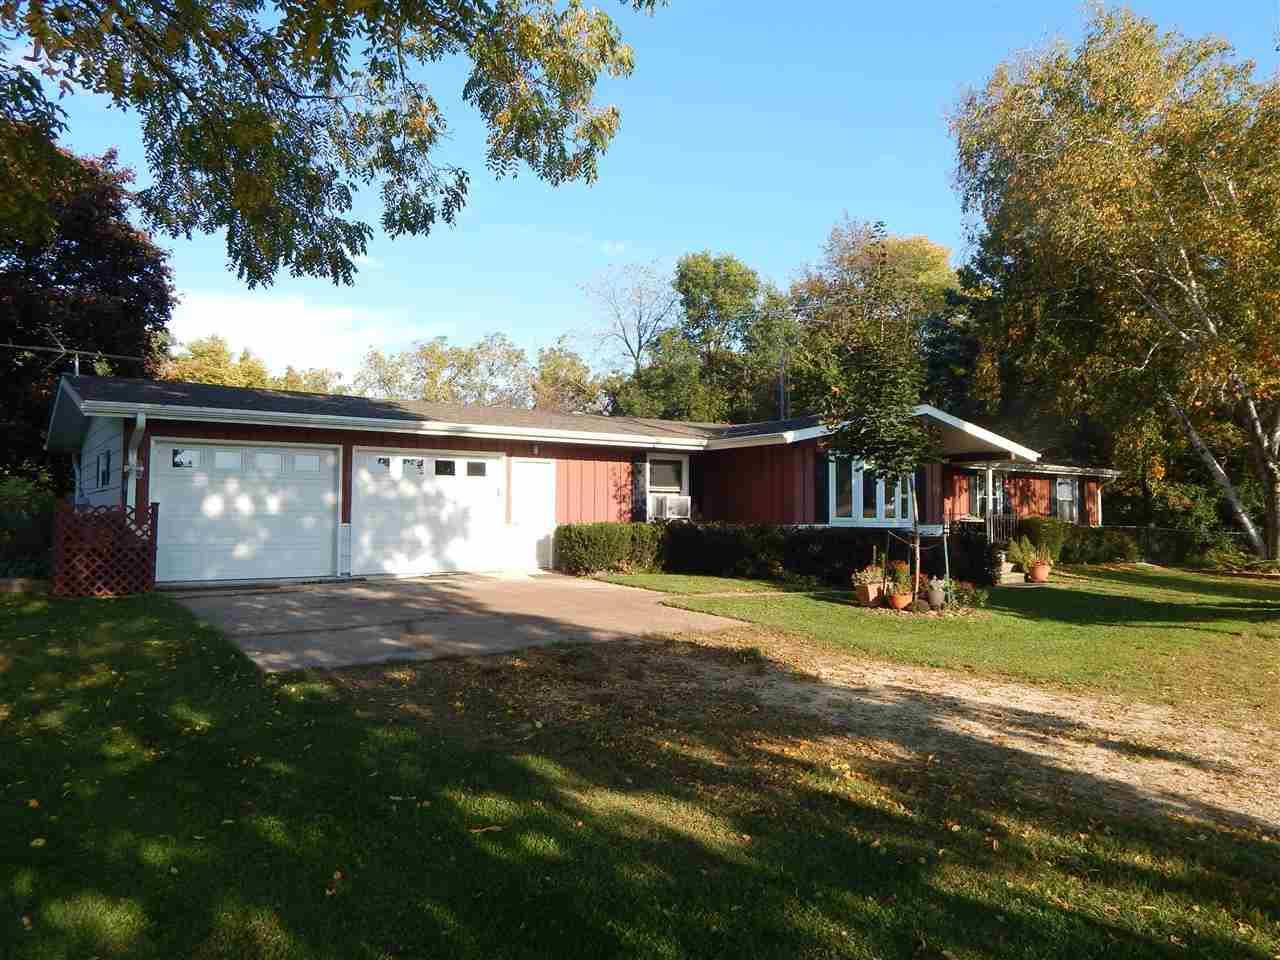 12294 N Zimmerman Rd, Orangeville, IL